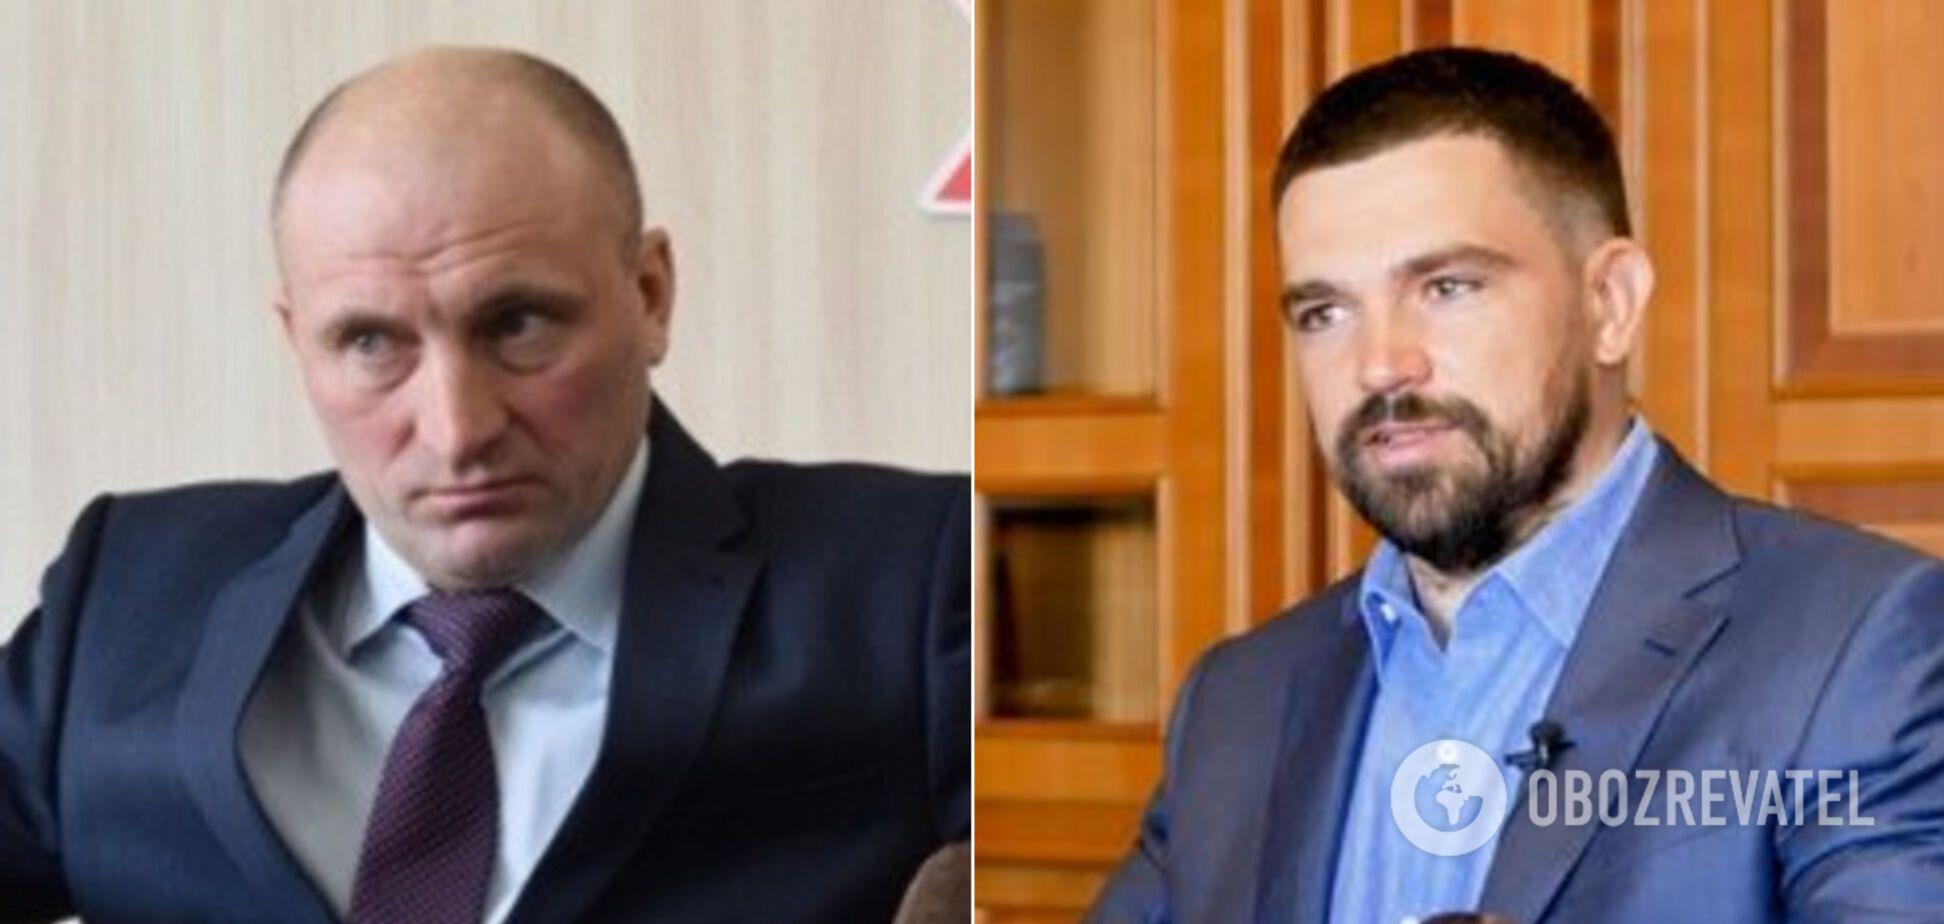 Трофімов відреагував на скандальне листування з мером Черкас: 'Я так не спілкуюся'